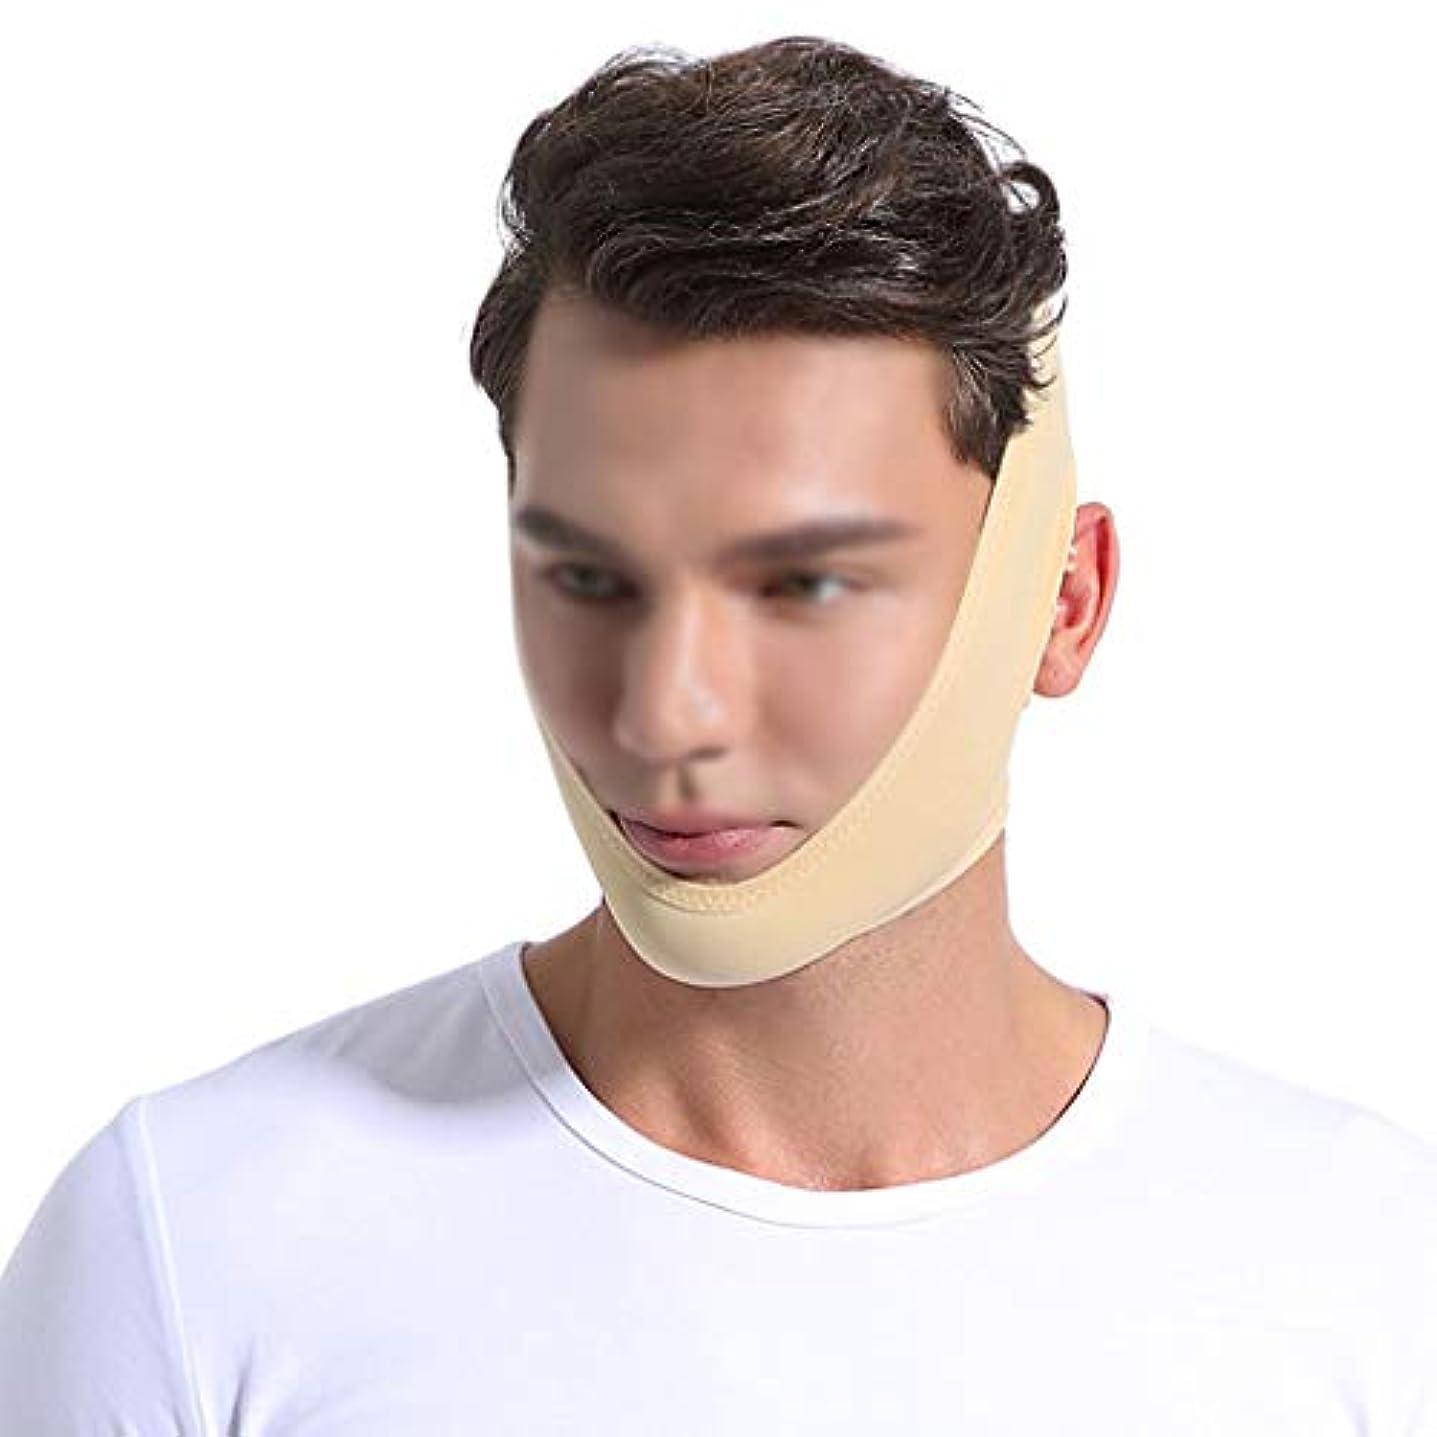 コンピューターゲームをプレイする鑑定入植者医療ワイヤーカービング、男性と女性の顔の弾性包帯ヘッドギア結ばれた小さなV顔薄いフェイスマスクを結んだ後リフティングマスクを再開